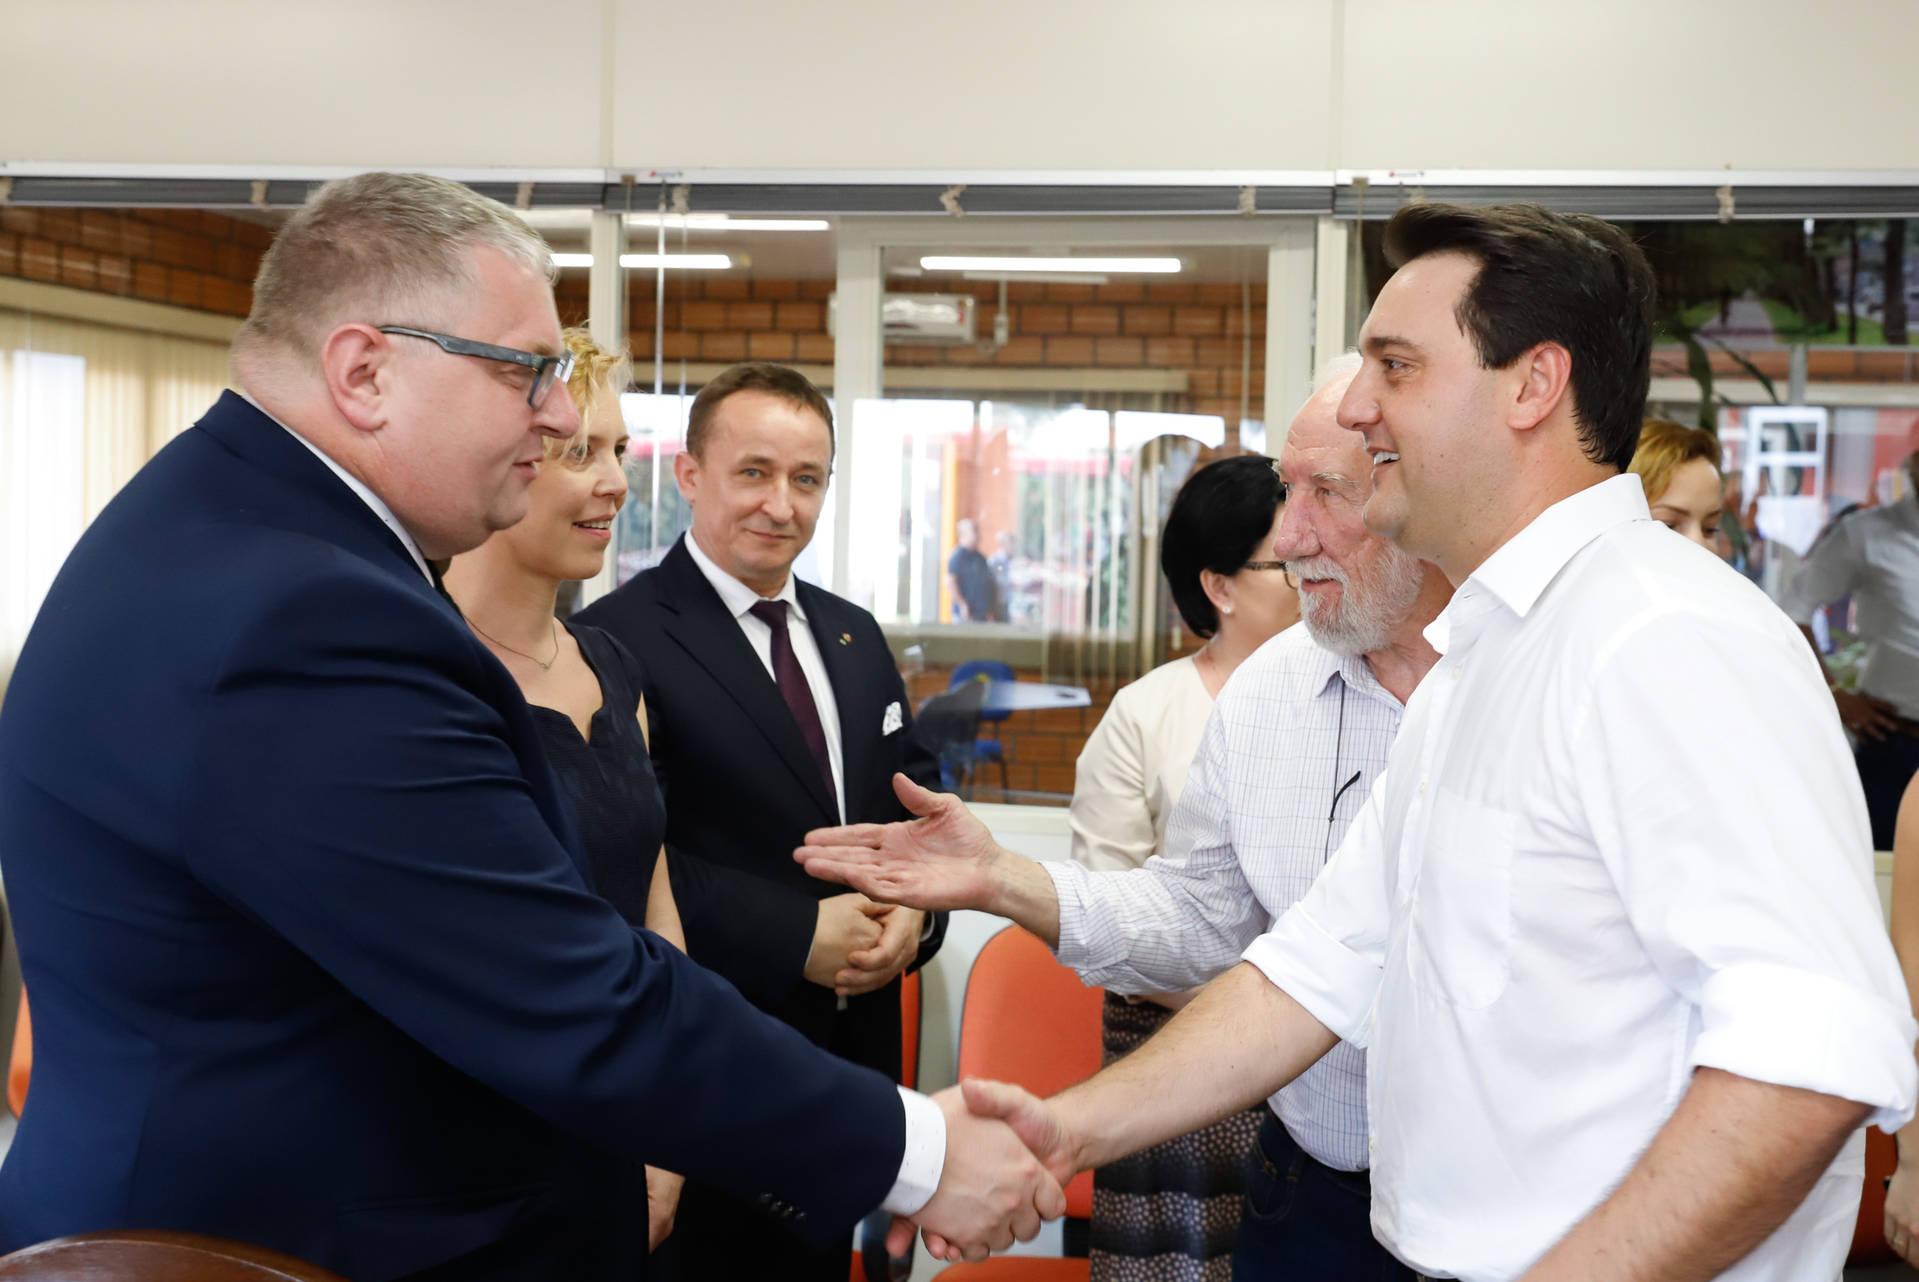 O governador Carlos Massa Ratinho Junior encontrou-se com a comitiva de poloneses, liderada pelo vice-governador da Província de Wiekopolska, Krzysztof Grabowski, para iniciar os contatos